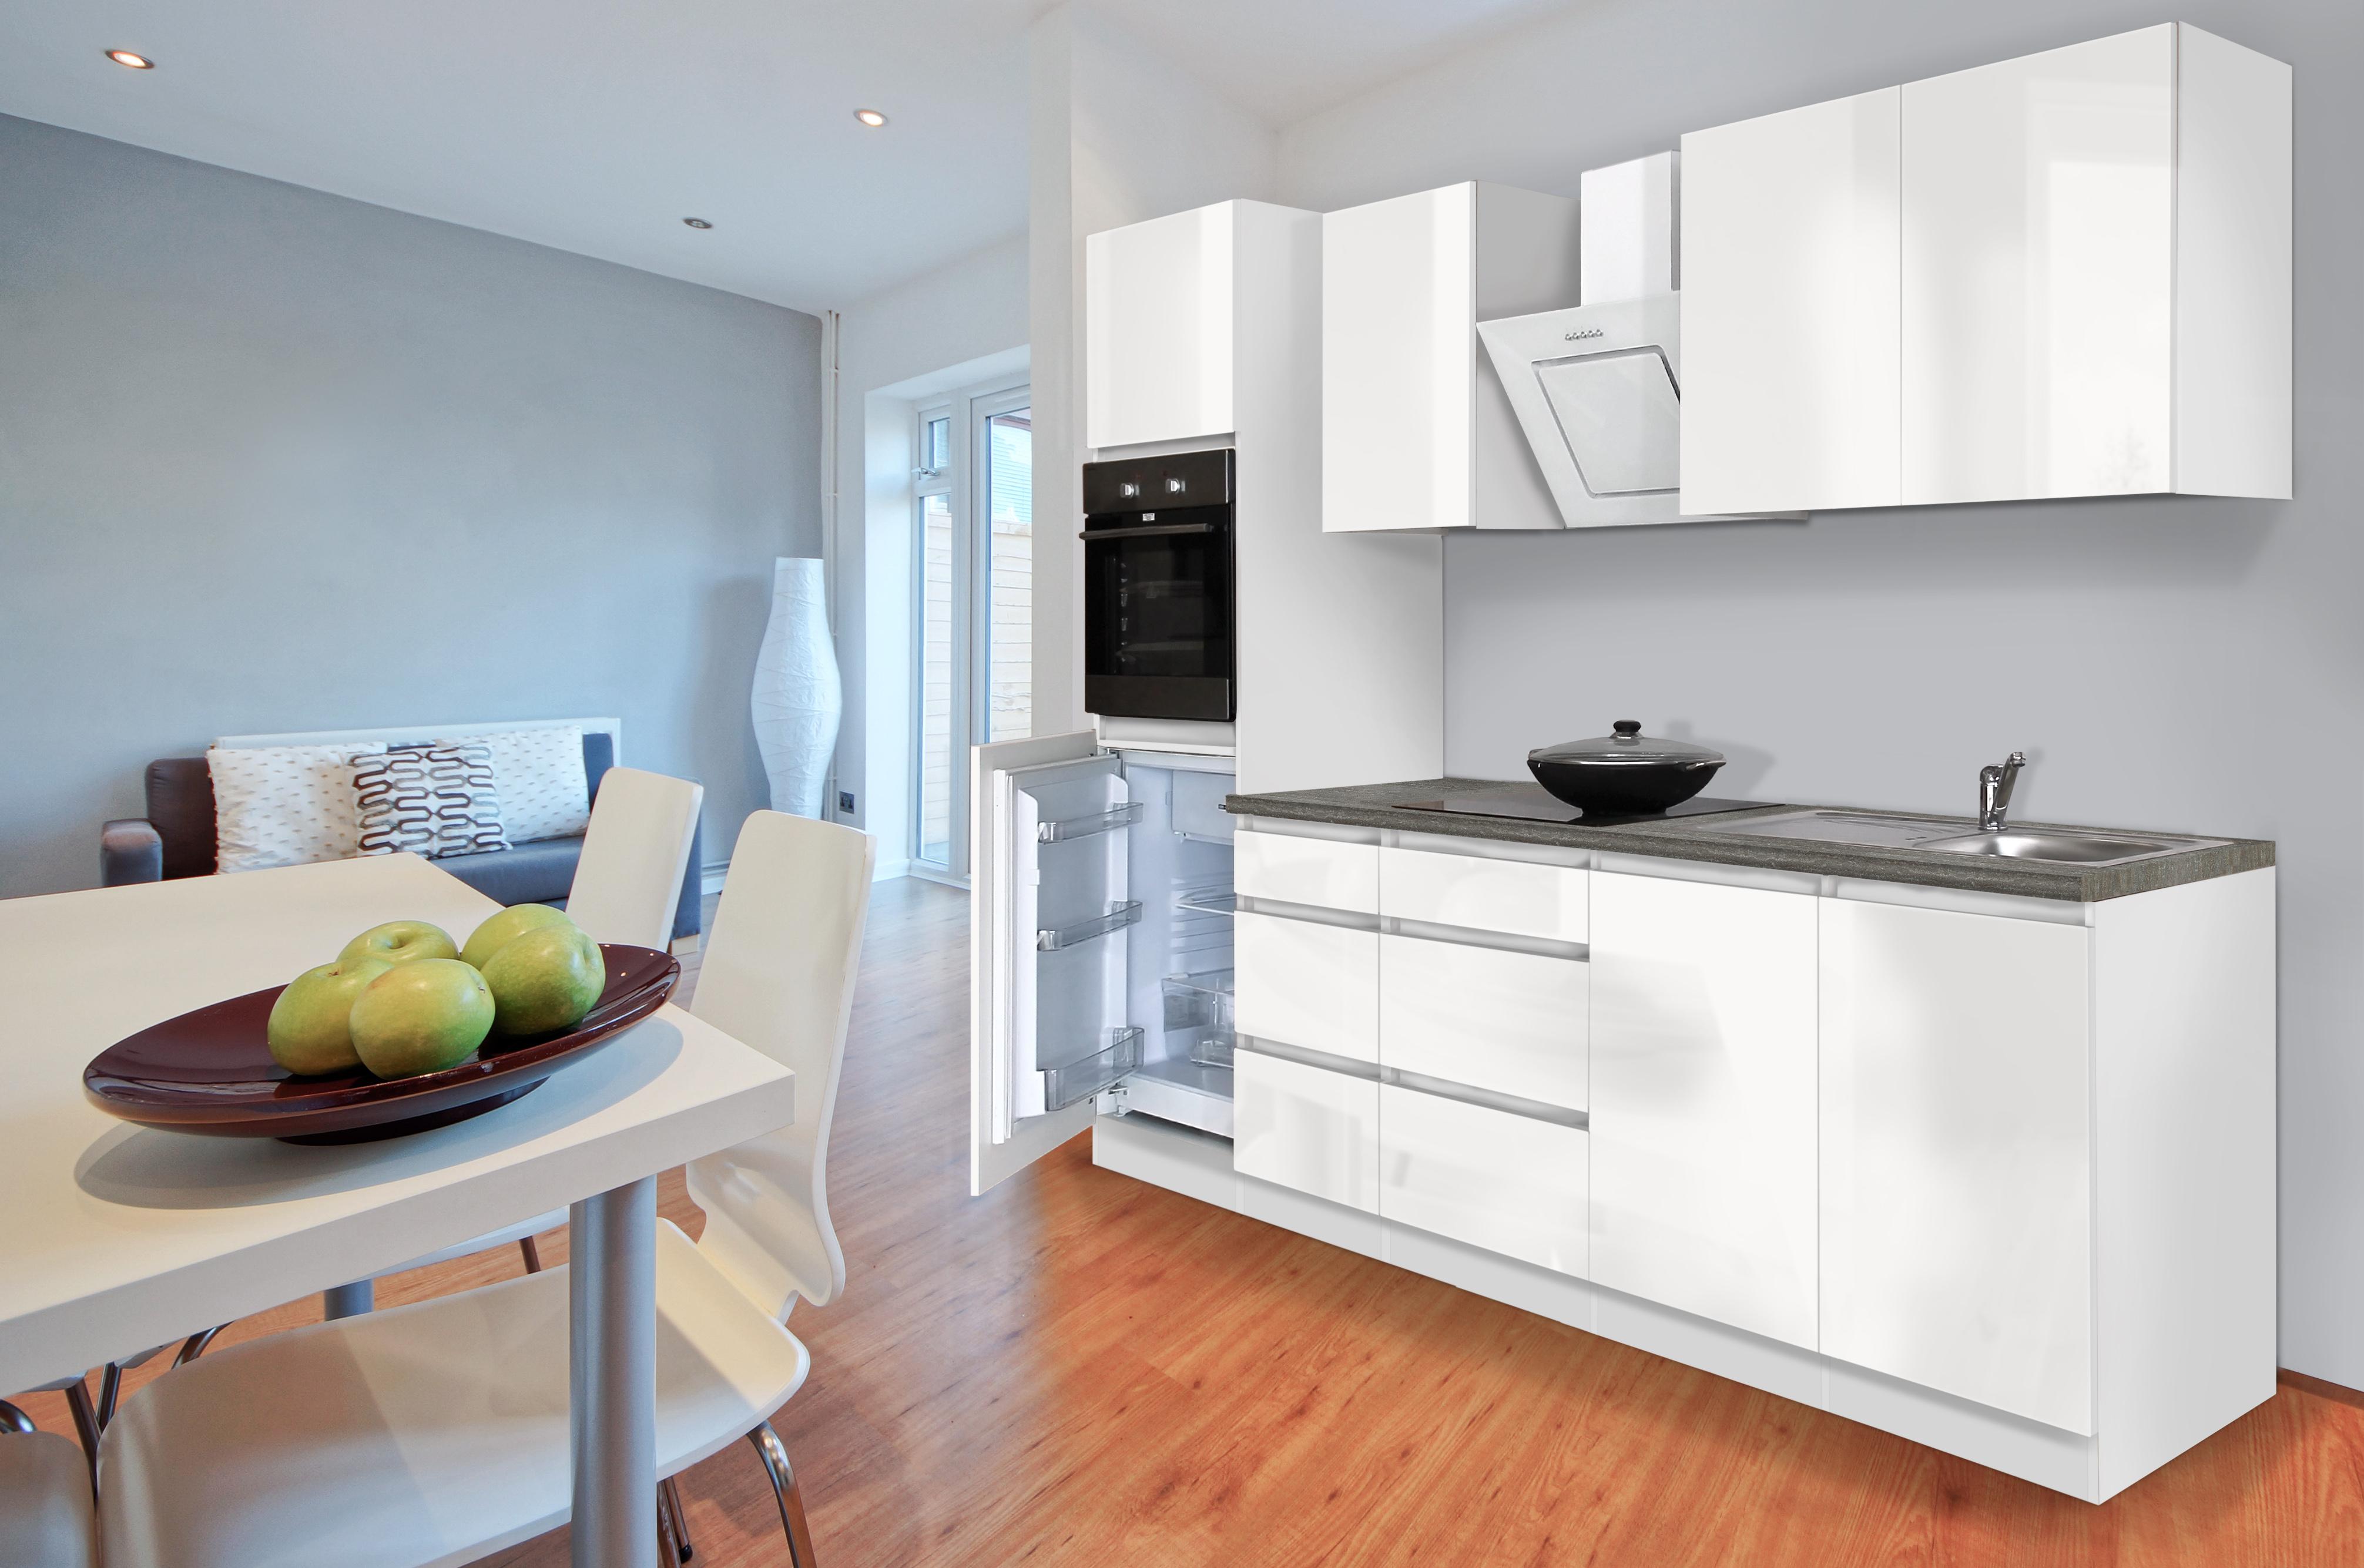 Küche Weiß Hochglanz Einfach On Andere Und Respekta Premium Grifflose Küchenzeile Küchenblock 270cm 5